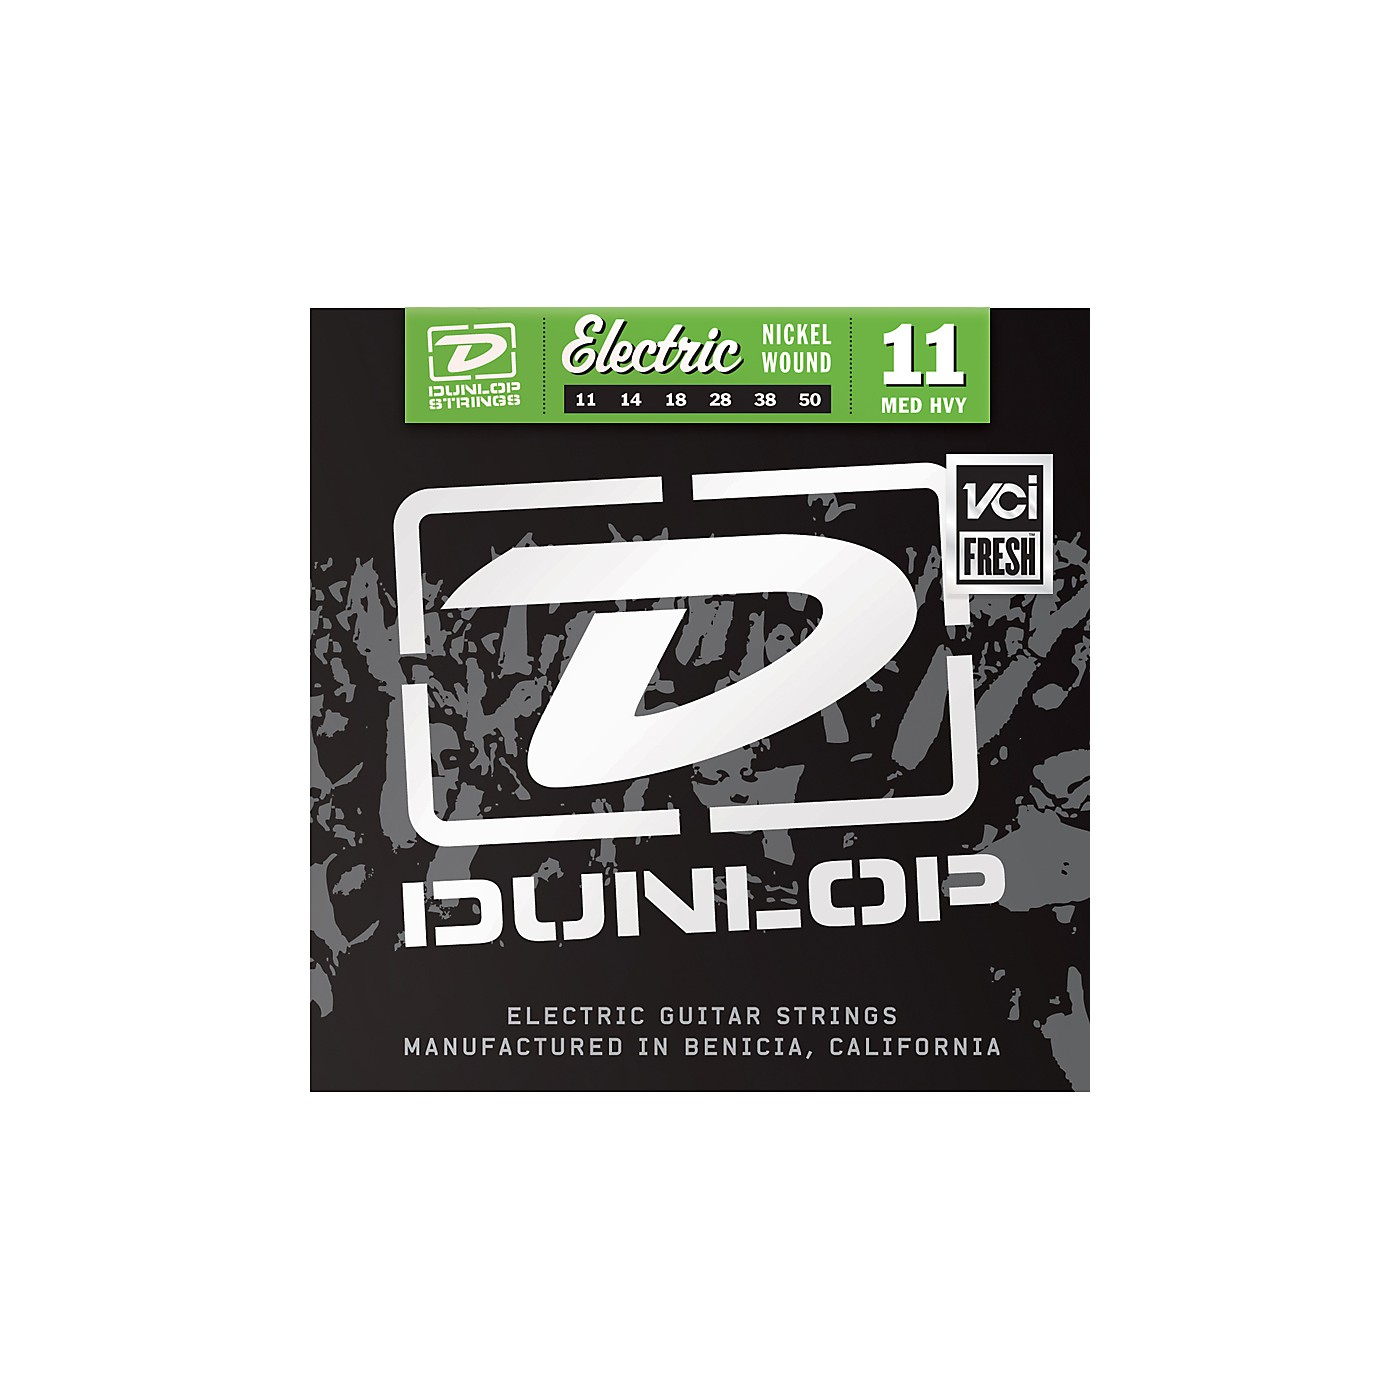 Dunlop Nickel Plated Steel Electric Guitar Strings - Medium Heavy thumbnail